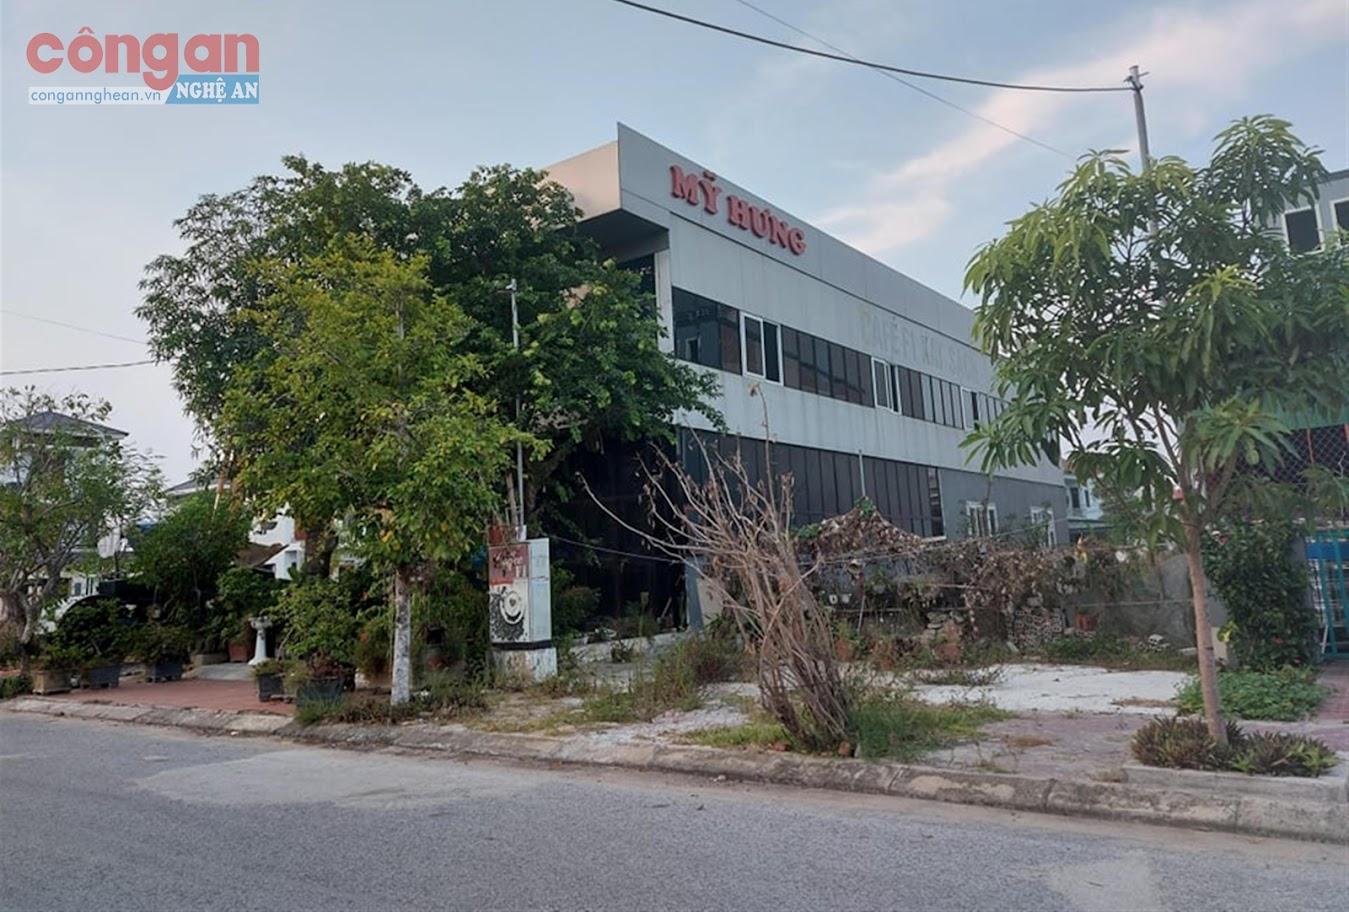 Phòng khám bệnh ngoại khoa tư nhân Mỹ Hưng          biến thành Phòng khám thẩm mỹ Vũ Hùng